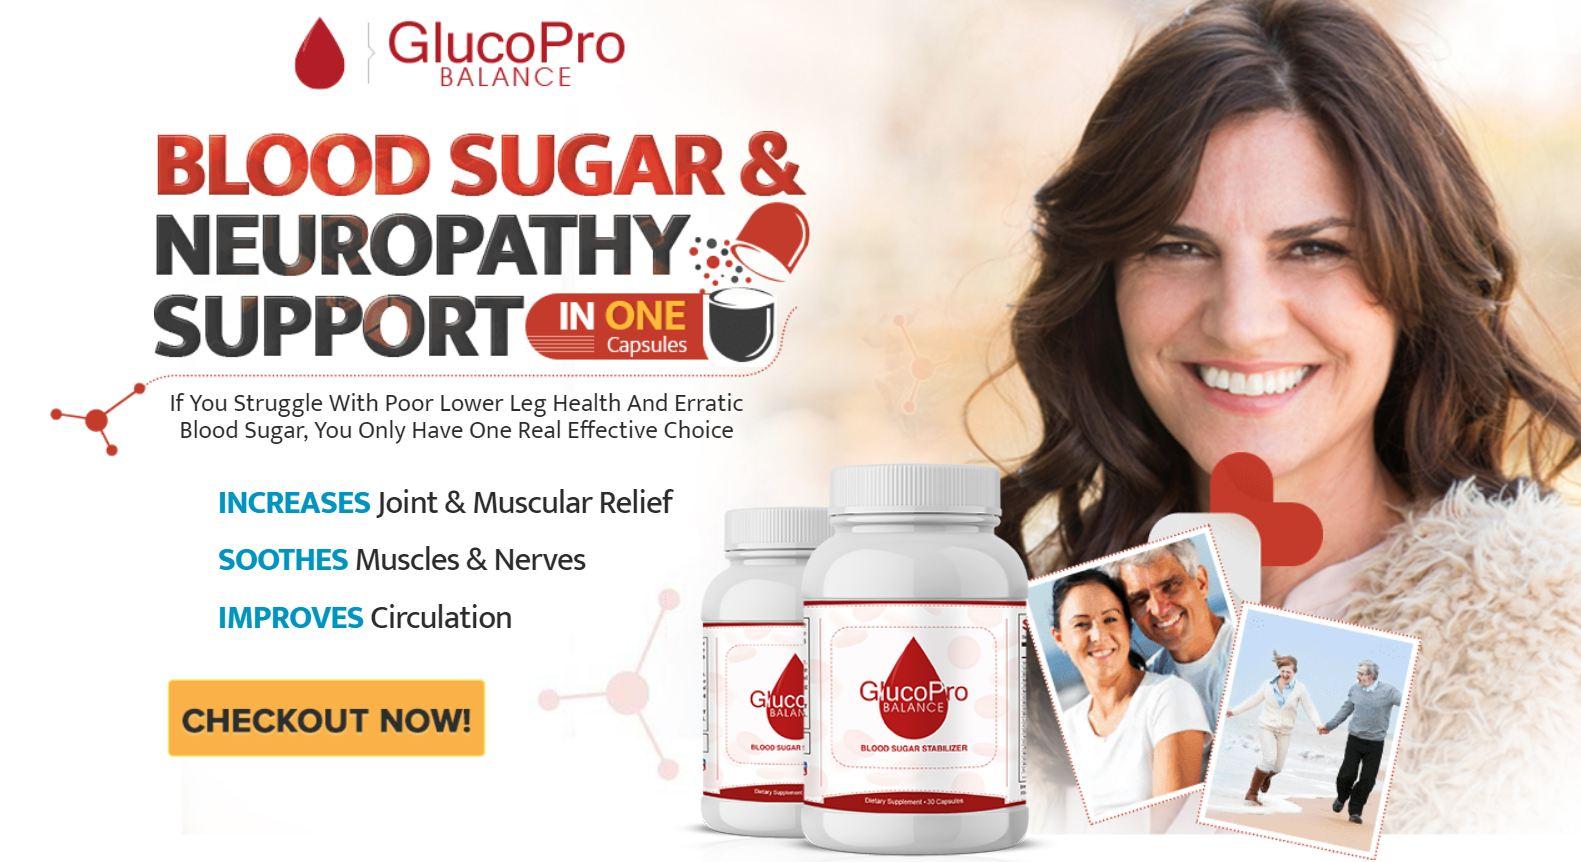 GlucoPro Balance Blood Sugar Support Formula